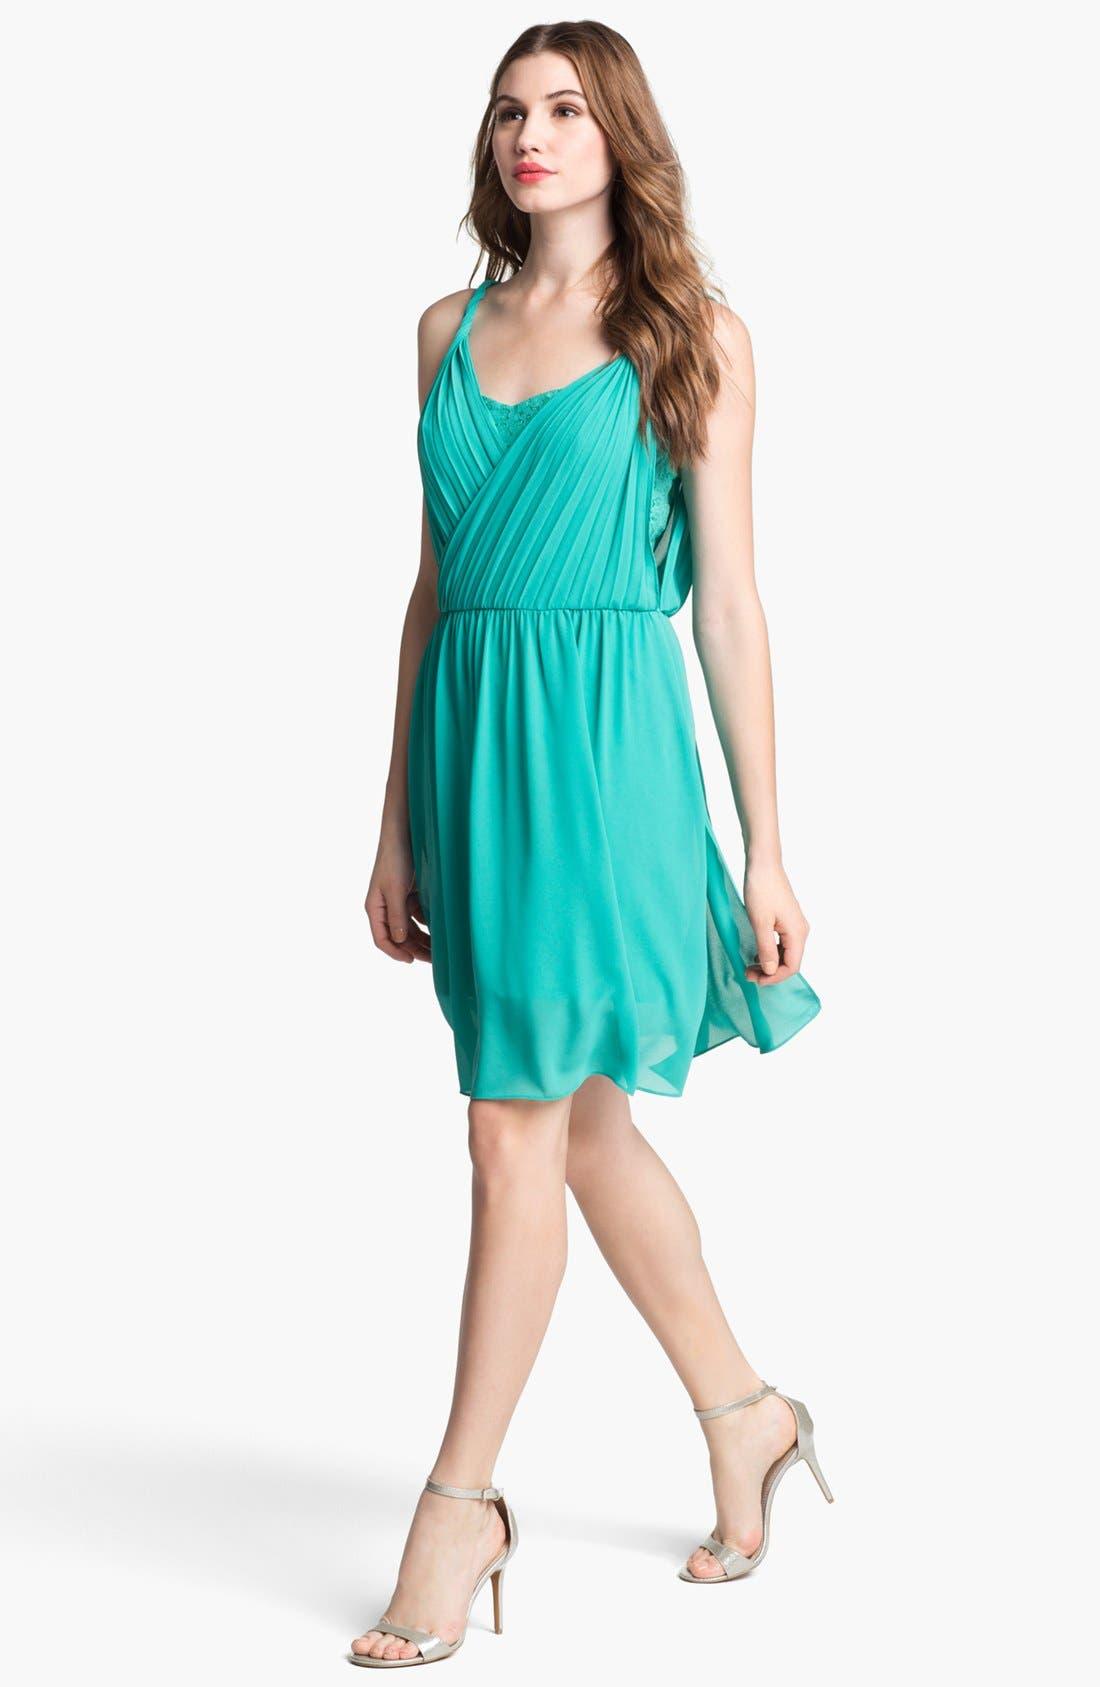 Main Image - Jessica Simpson Lace & Chiffon Surplice Dress